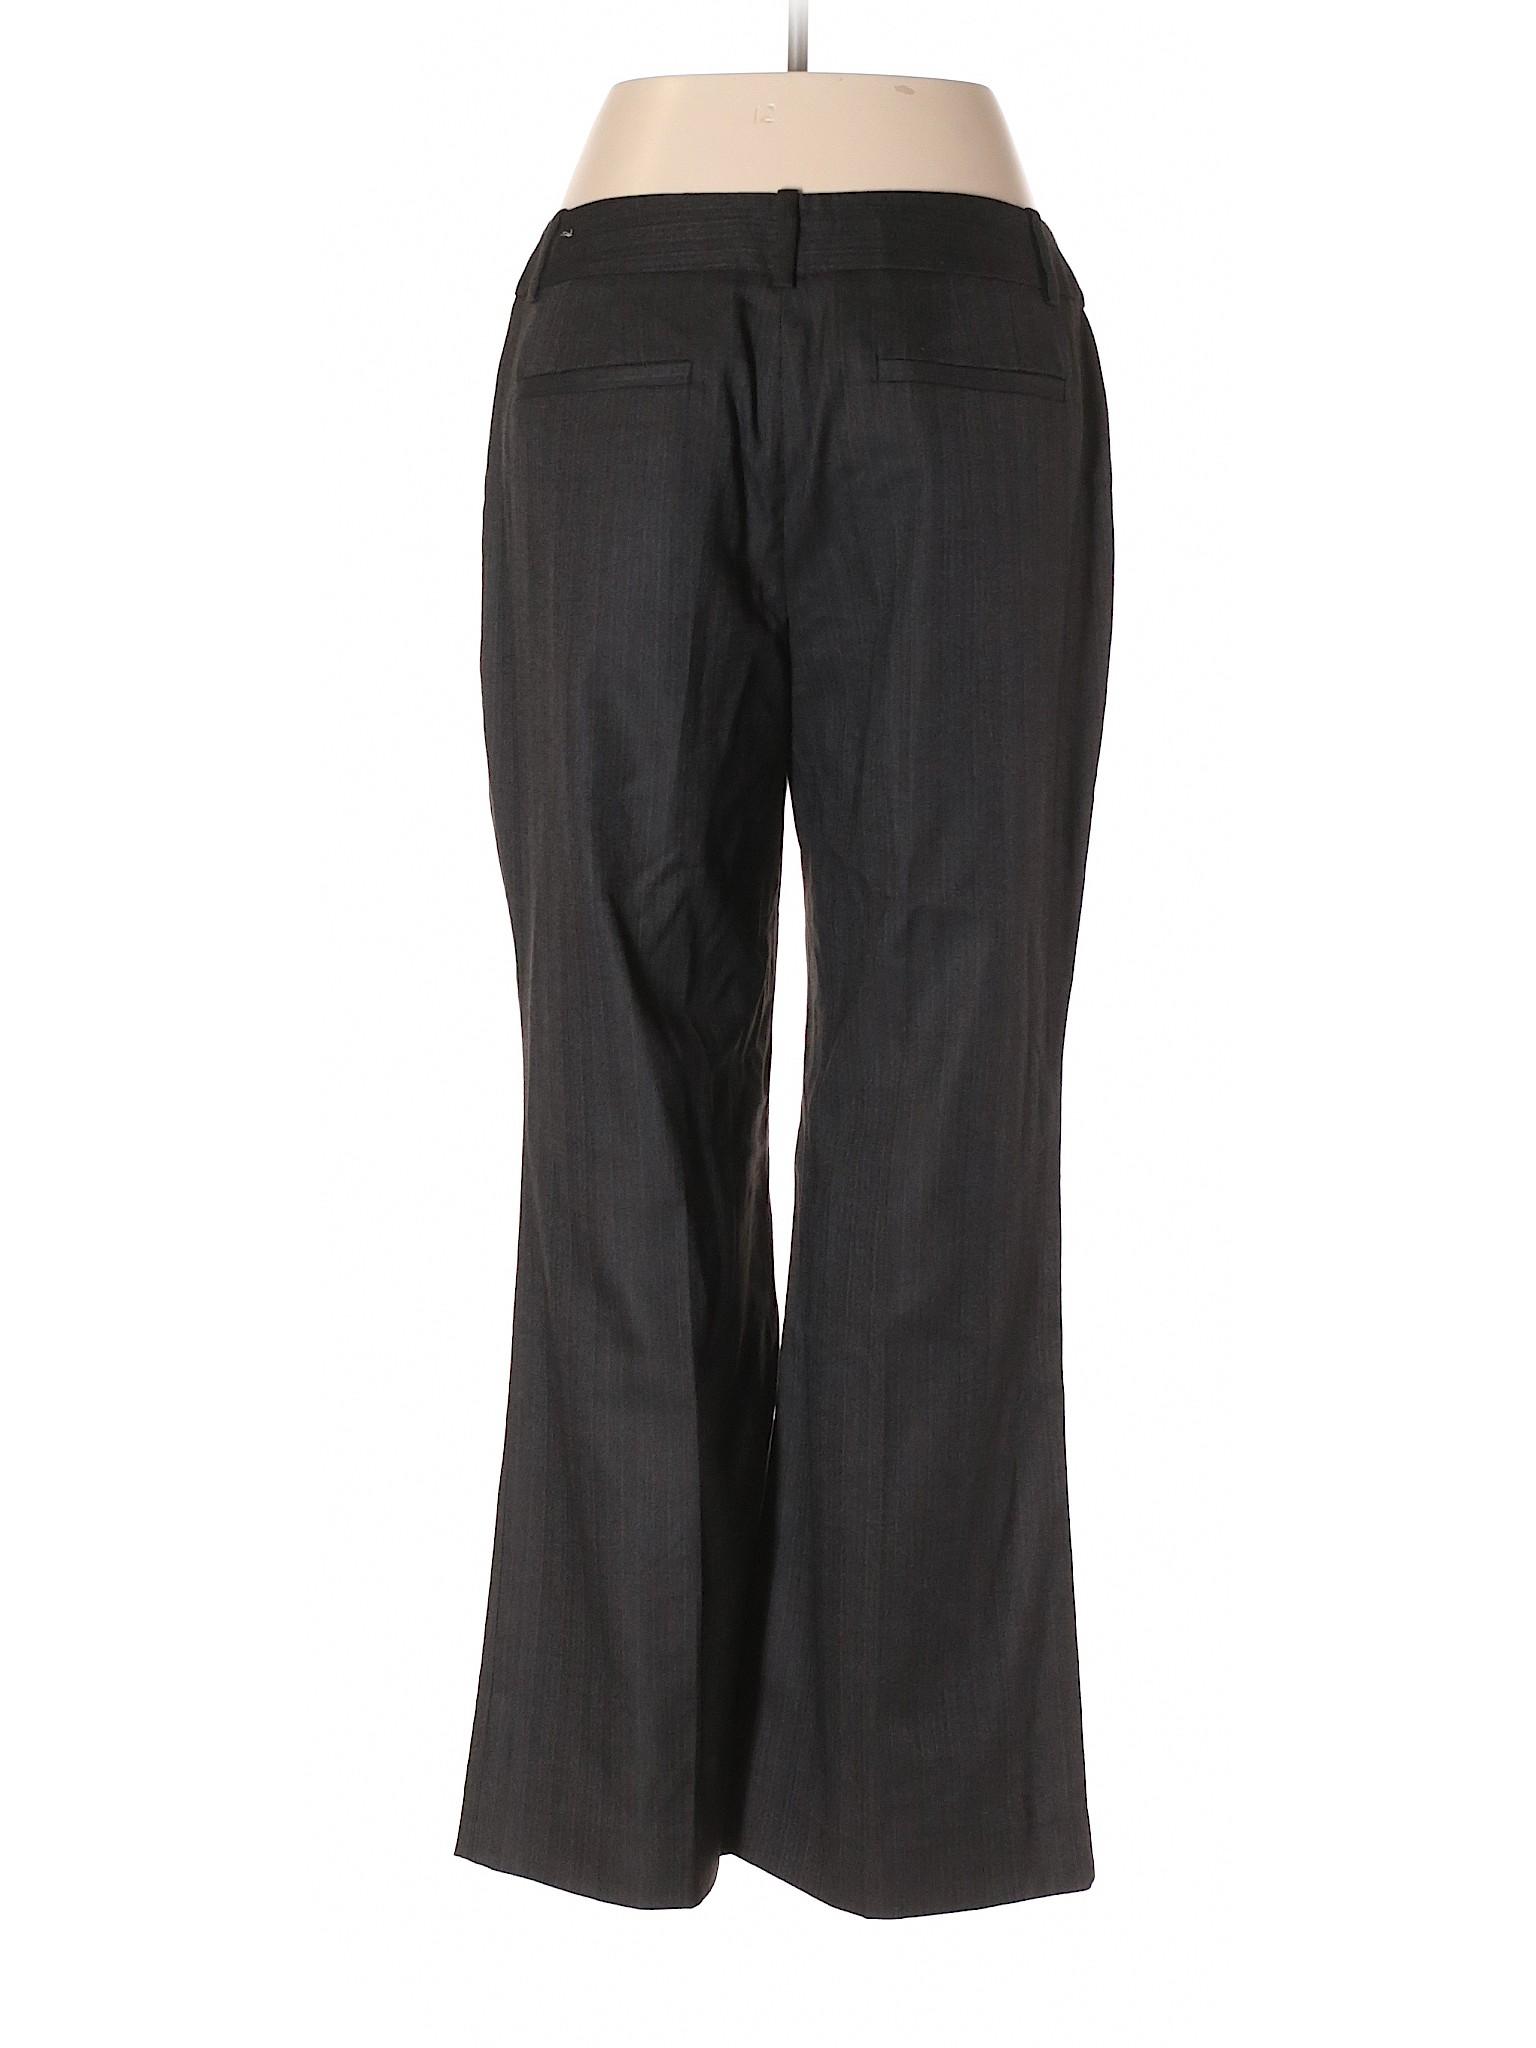 LOFT Pants Taylor leisure Dress Ann Boutique wFxBqtpXY